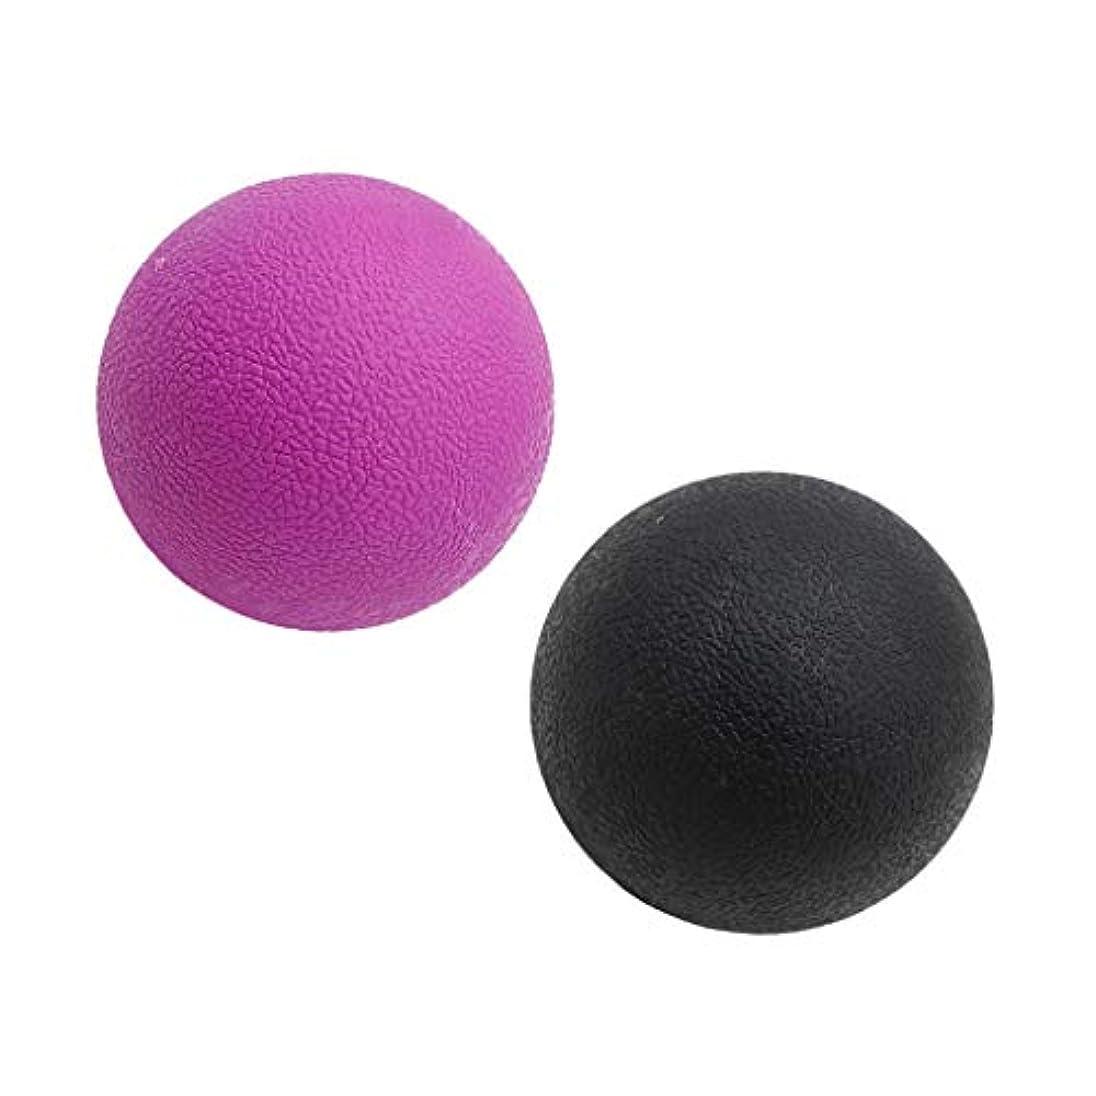 ハプニングロデオオークランドマッサージボール トリガーポイント ストレッチボール トレーニング 背中 肩 腰 マッサージ 多色選べる - ブラックパープル